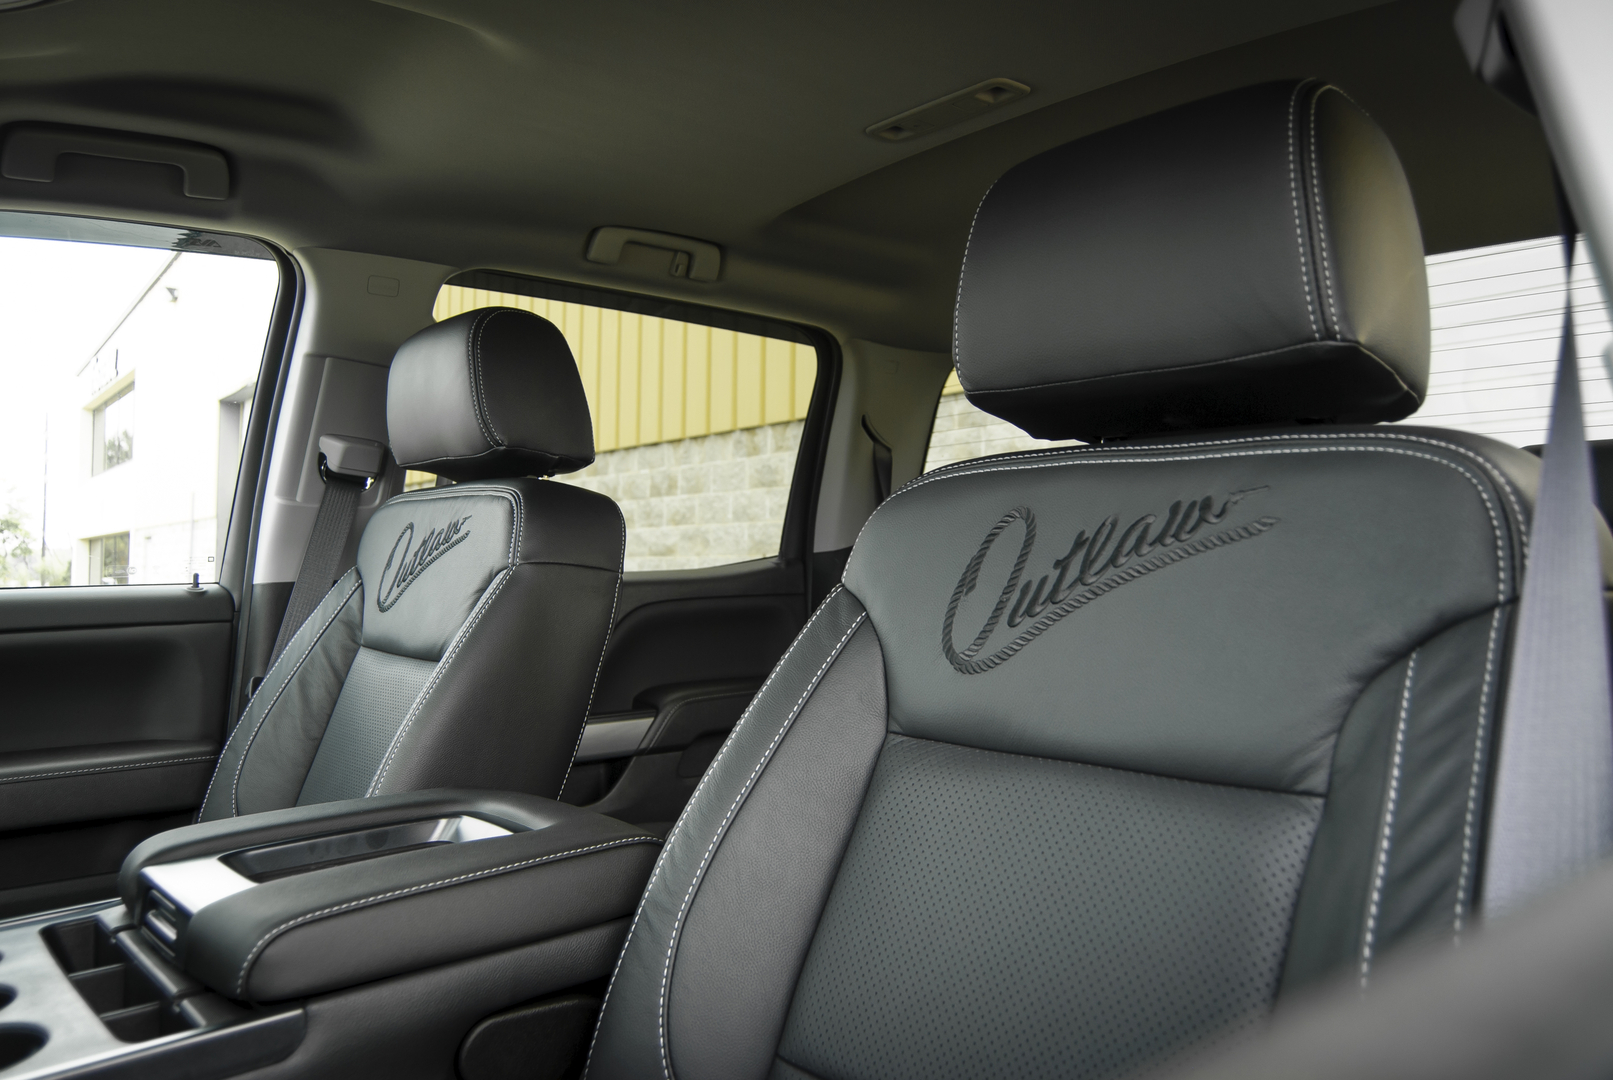 Car interior piping - Car Interior Piping 46